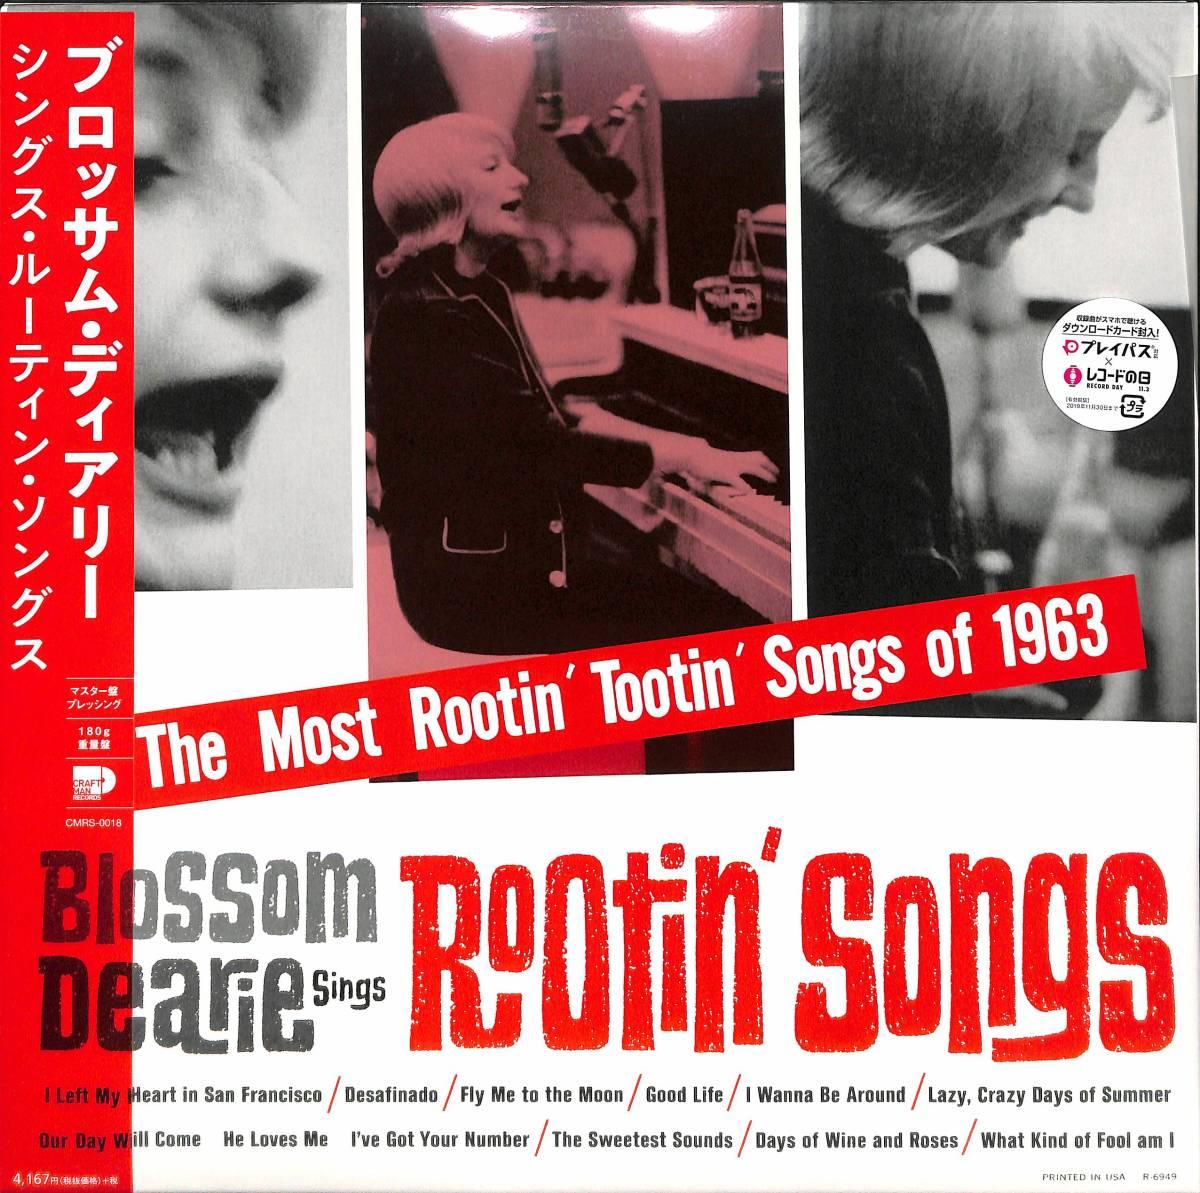 ◎Sings Rootin Songs【限定盤】 (マスター盤プレッシング/180グラム重量盤レコード/Craftman) Blossom Dearie (ブロッサムディアリー)_画像1